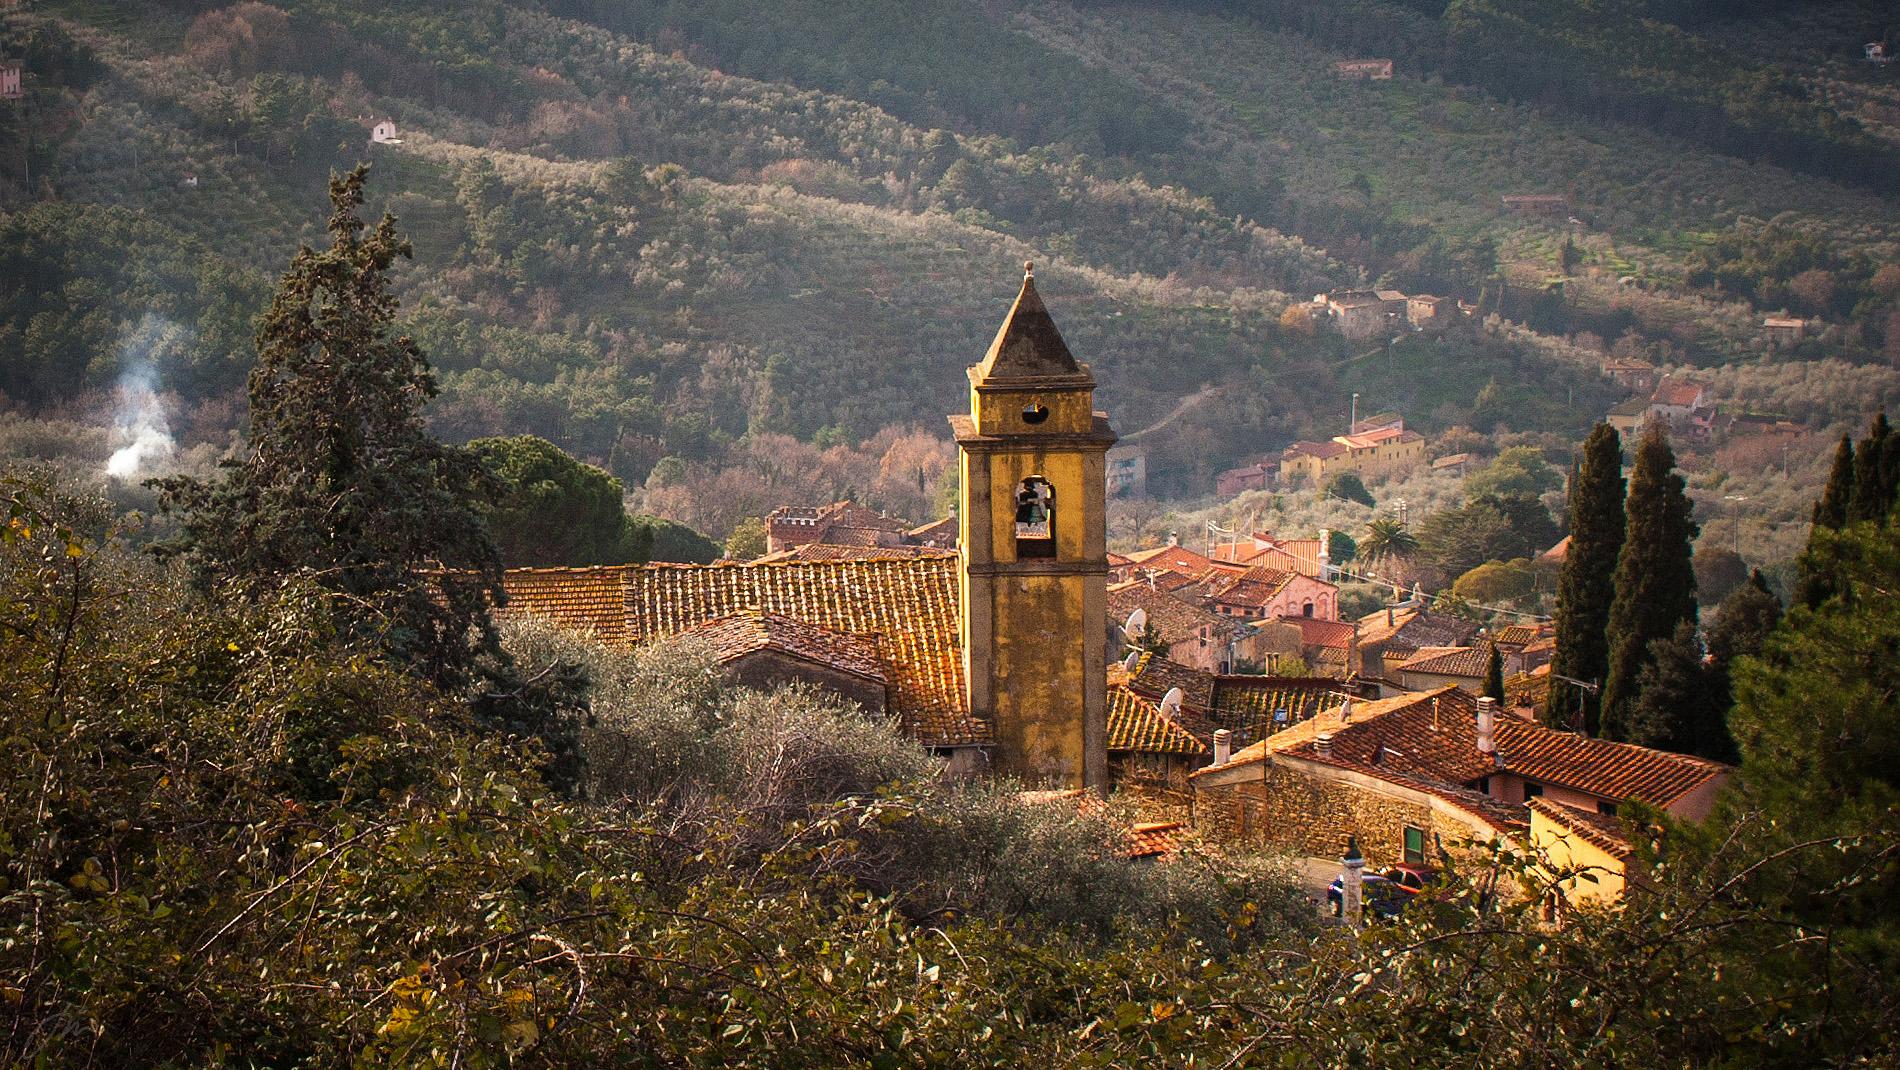 Bølgende landskap, vakre byer, vin- og olivendyrking og et behagelig klima er noe av det som lokker oss til Toscana.   Fotogalleri